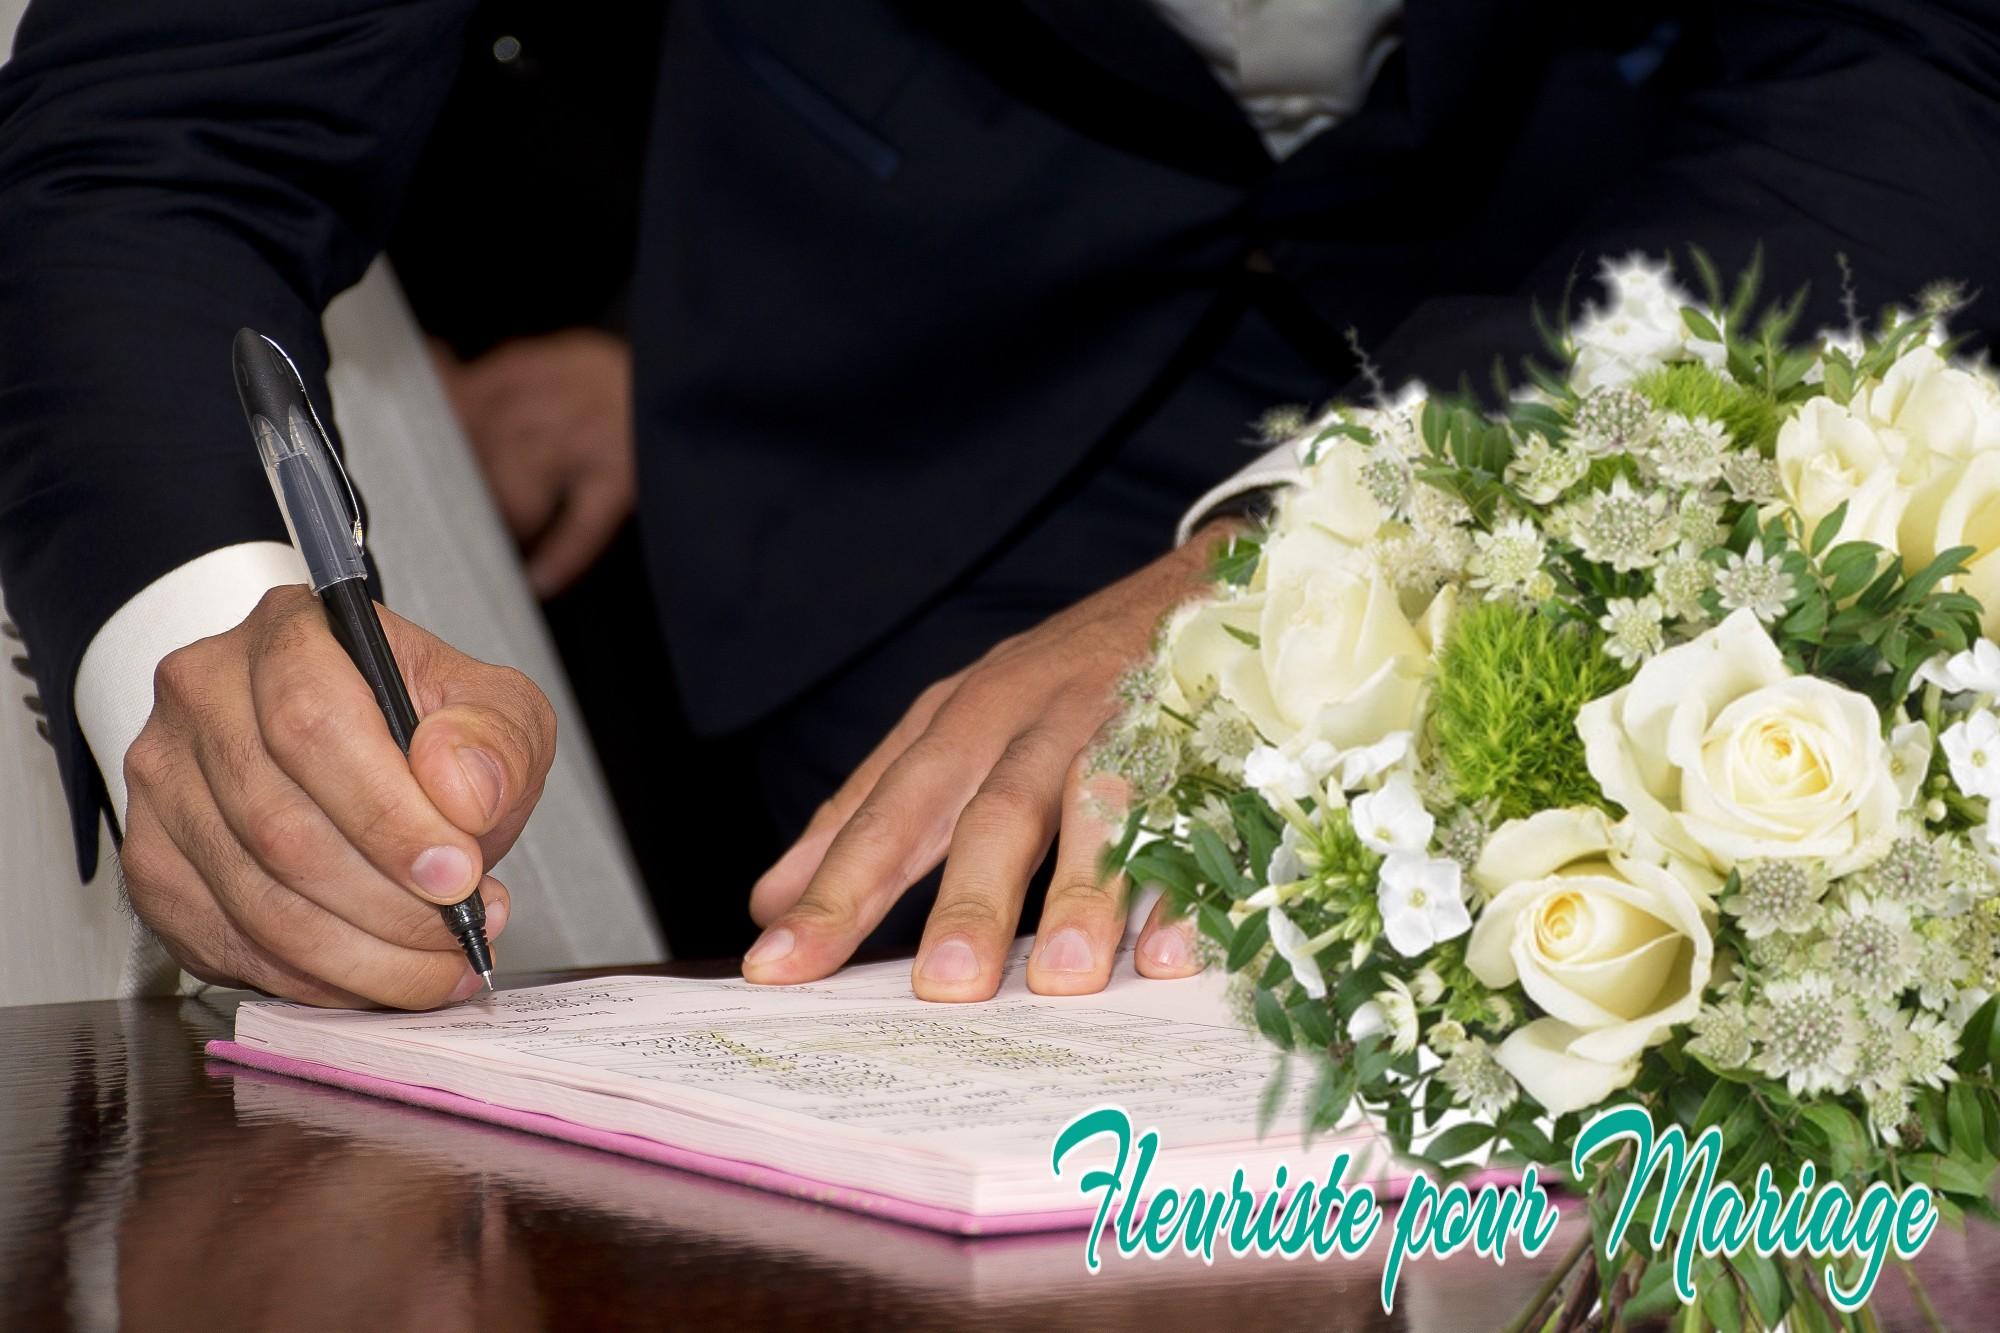 DÉCORATION FLORALE MARIAGE MAIRIE DE CHATEAUNEUF DE GRASSE - FLEURISTE MARIAGE CHATEAUNEUF DE GRASSE - FLEURS MARIAGE MAIRIE DE CHATEAUNEUF DE GRASSE